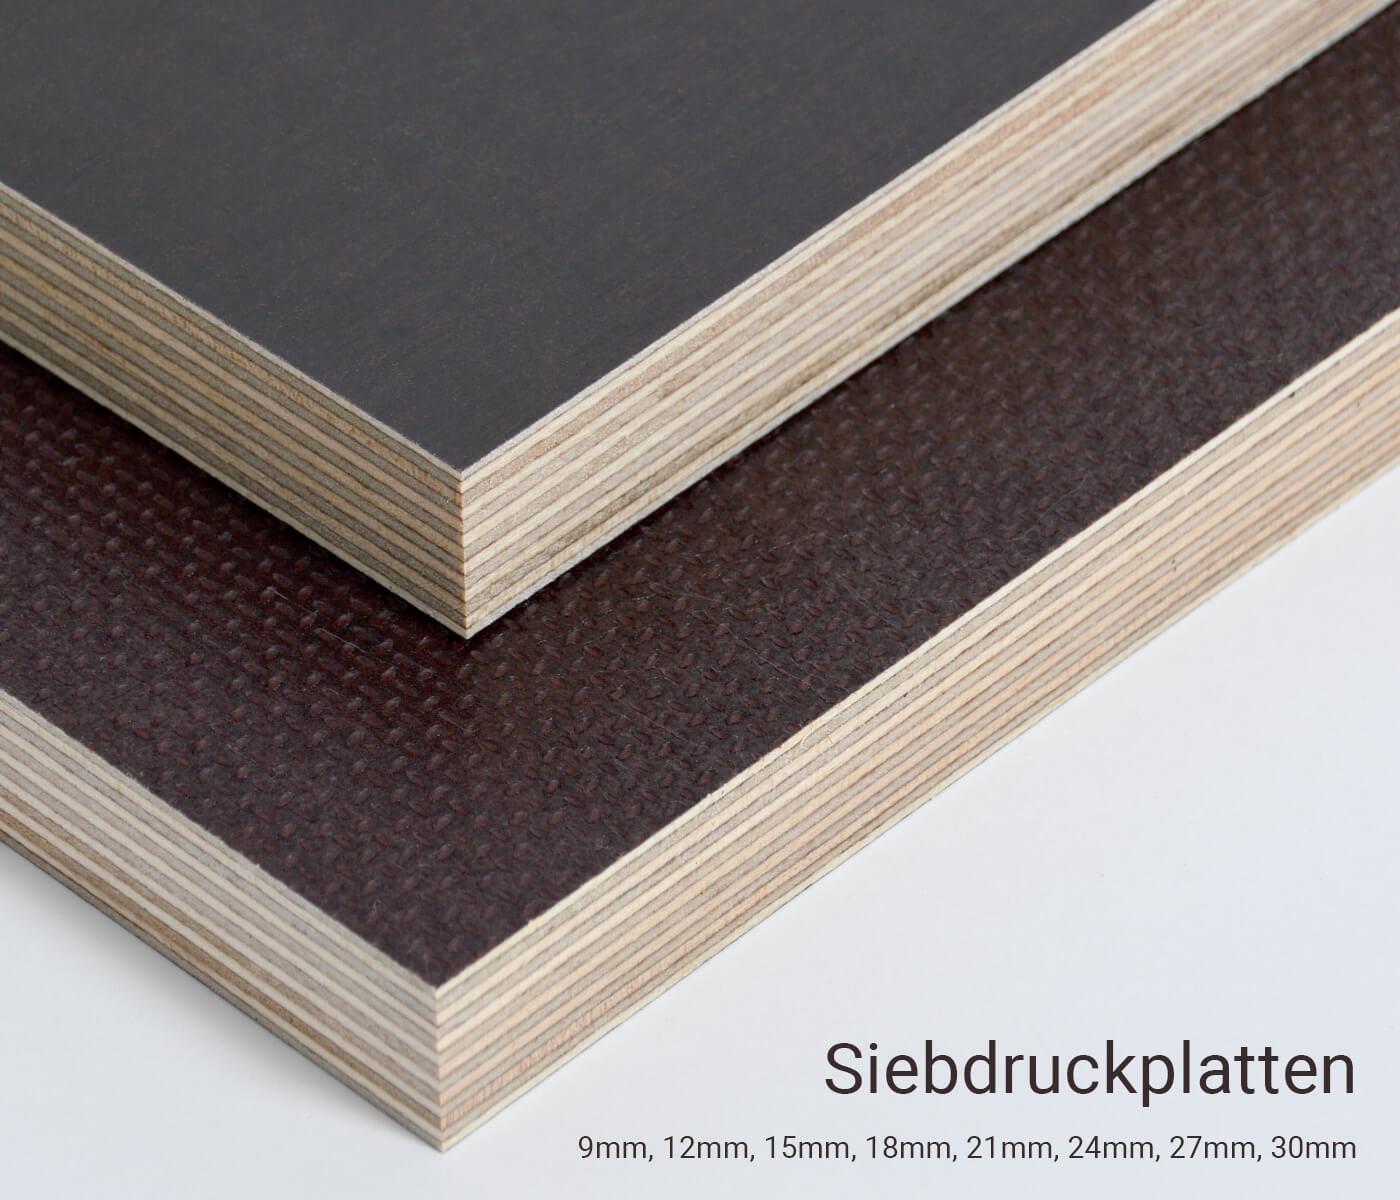 Siebdruckplatte 24mm Zuschnitt Multiplex Birke Holz Bodenplatte 50x60 cm